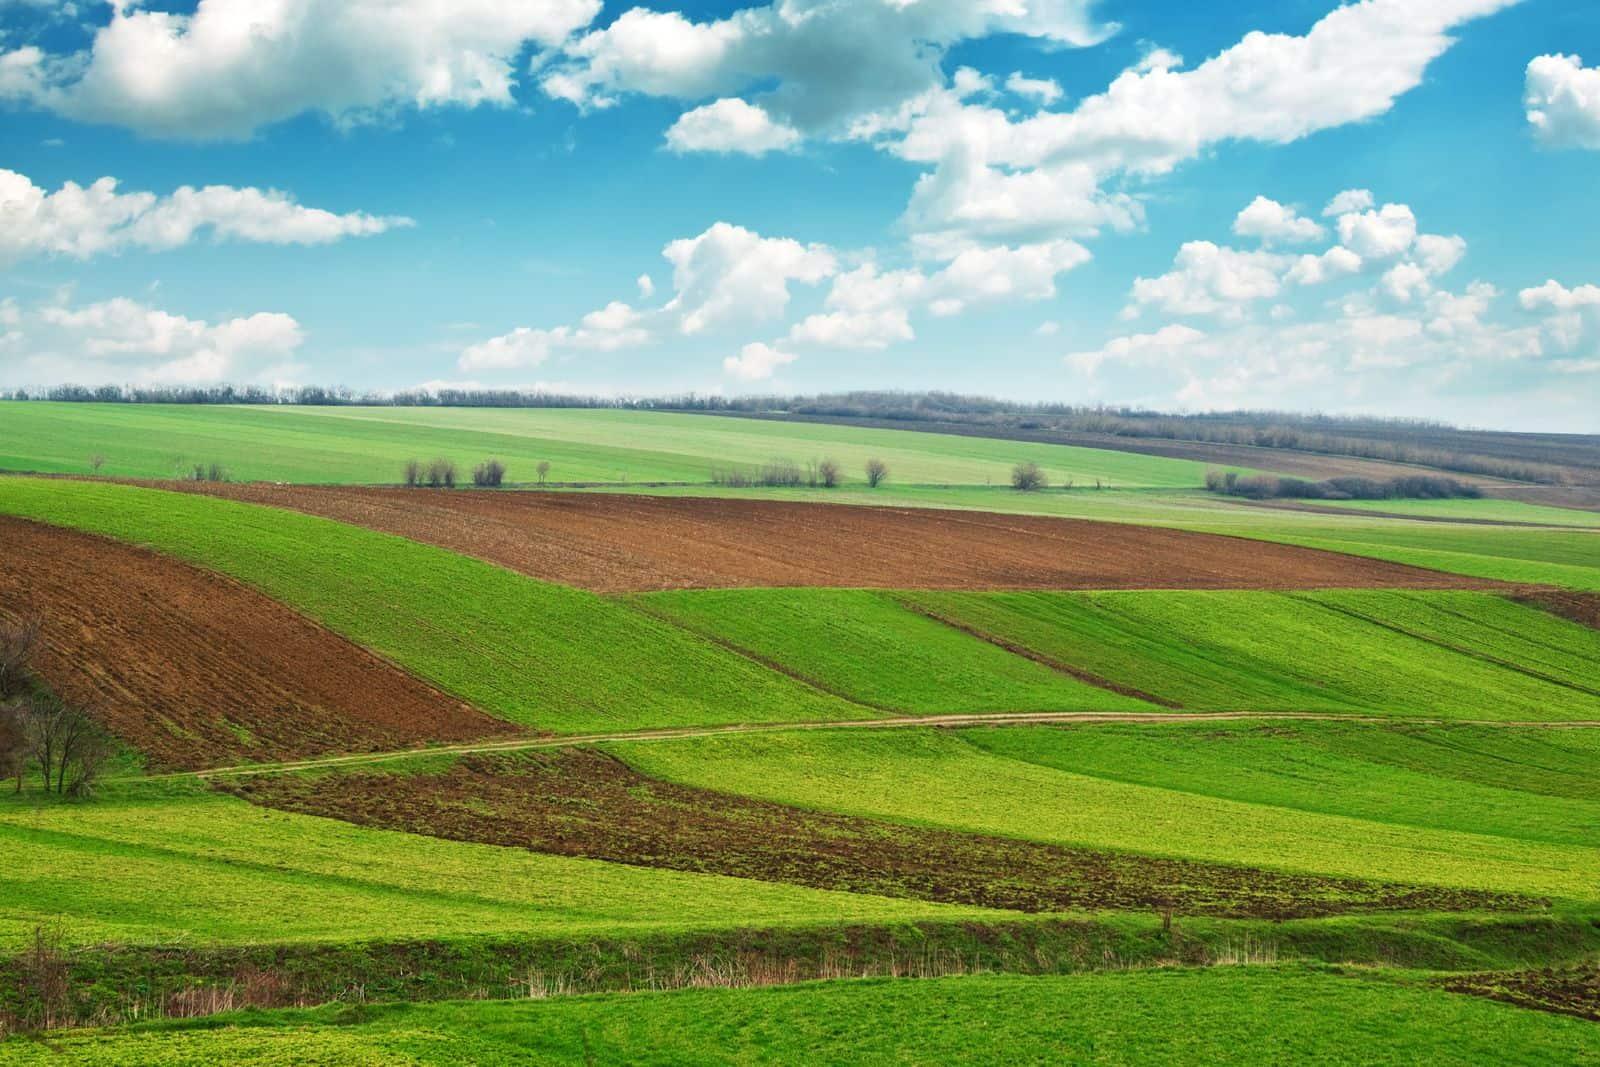 Автоматическая пролонгация договора аренды земельного участка